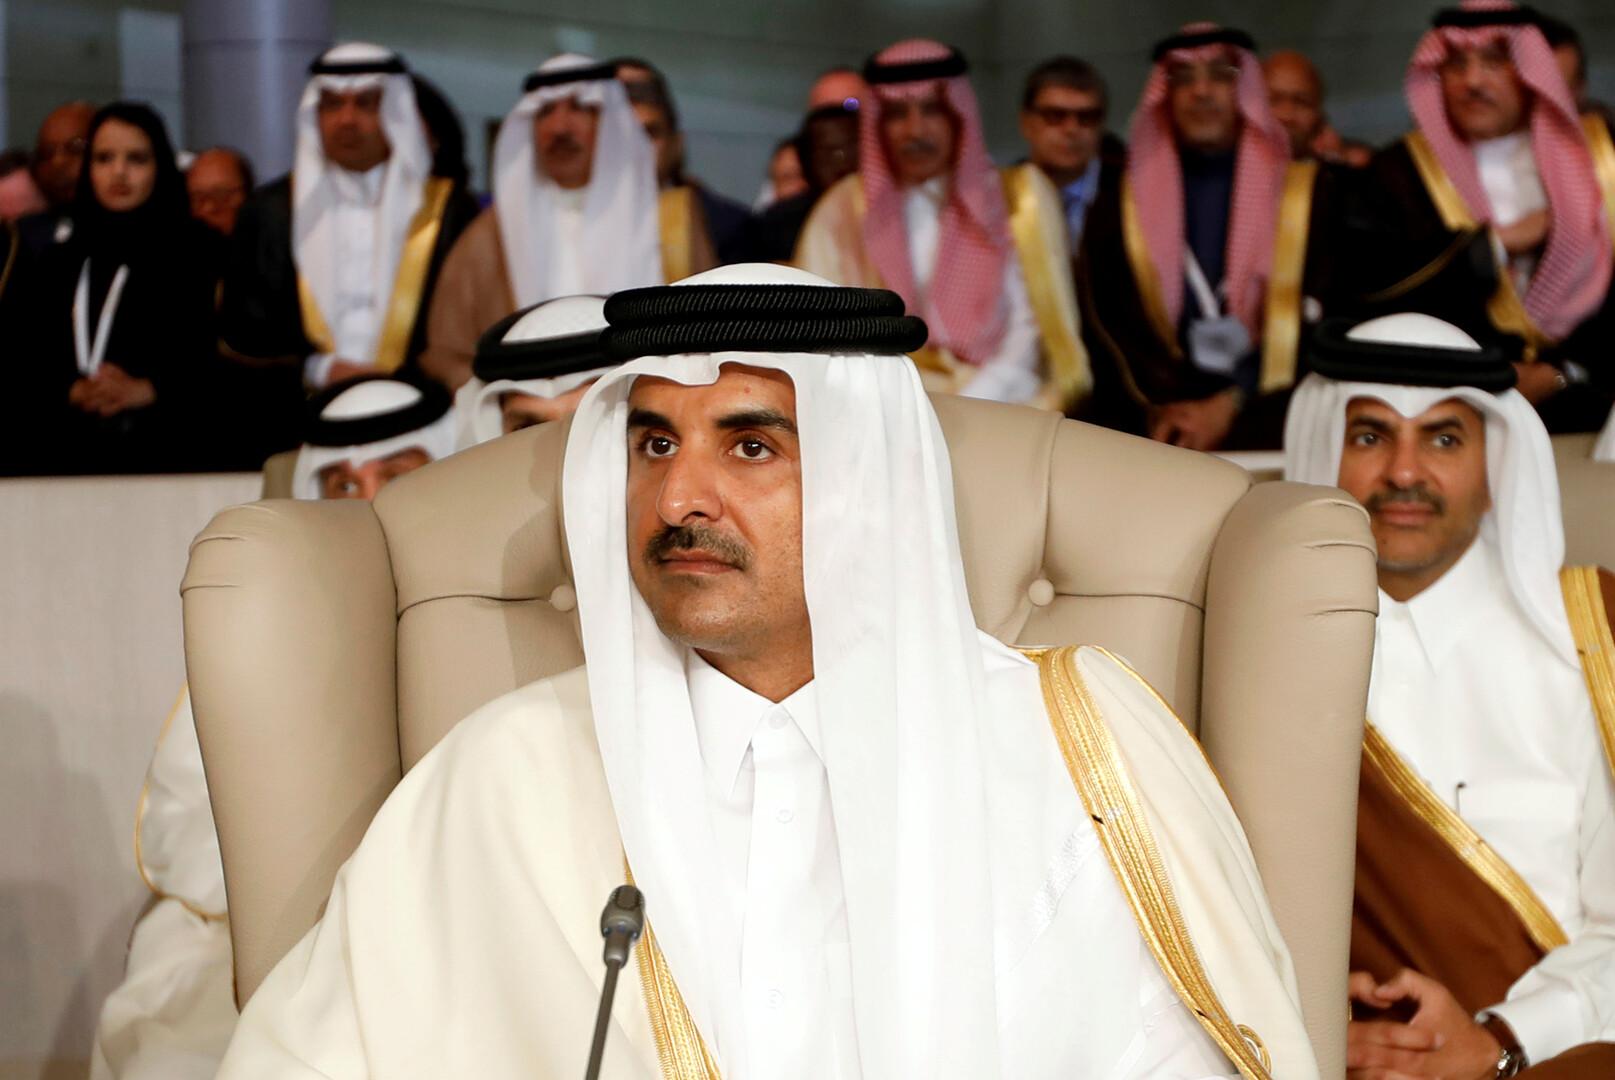 بالفيديو.. رد فعل مثير لأمير قطر لدى رؤيته والده في مباراة رياضية